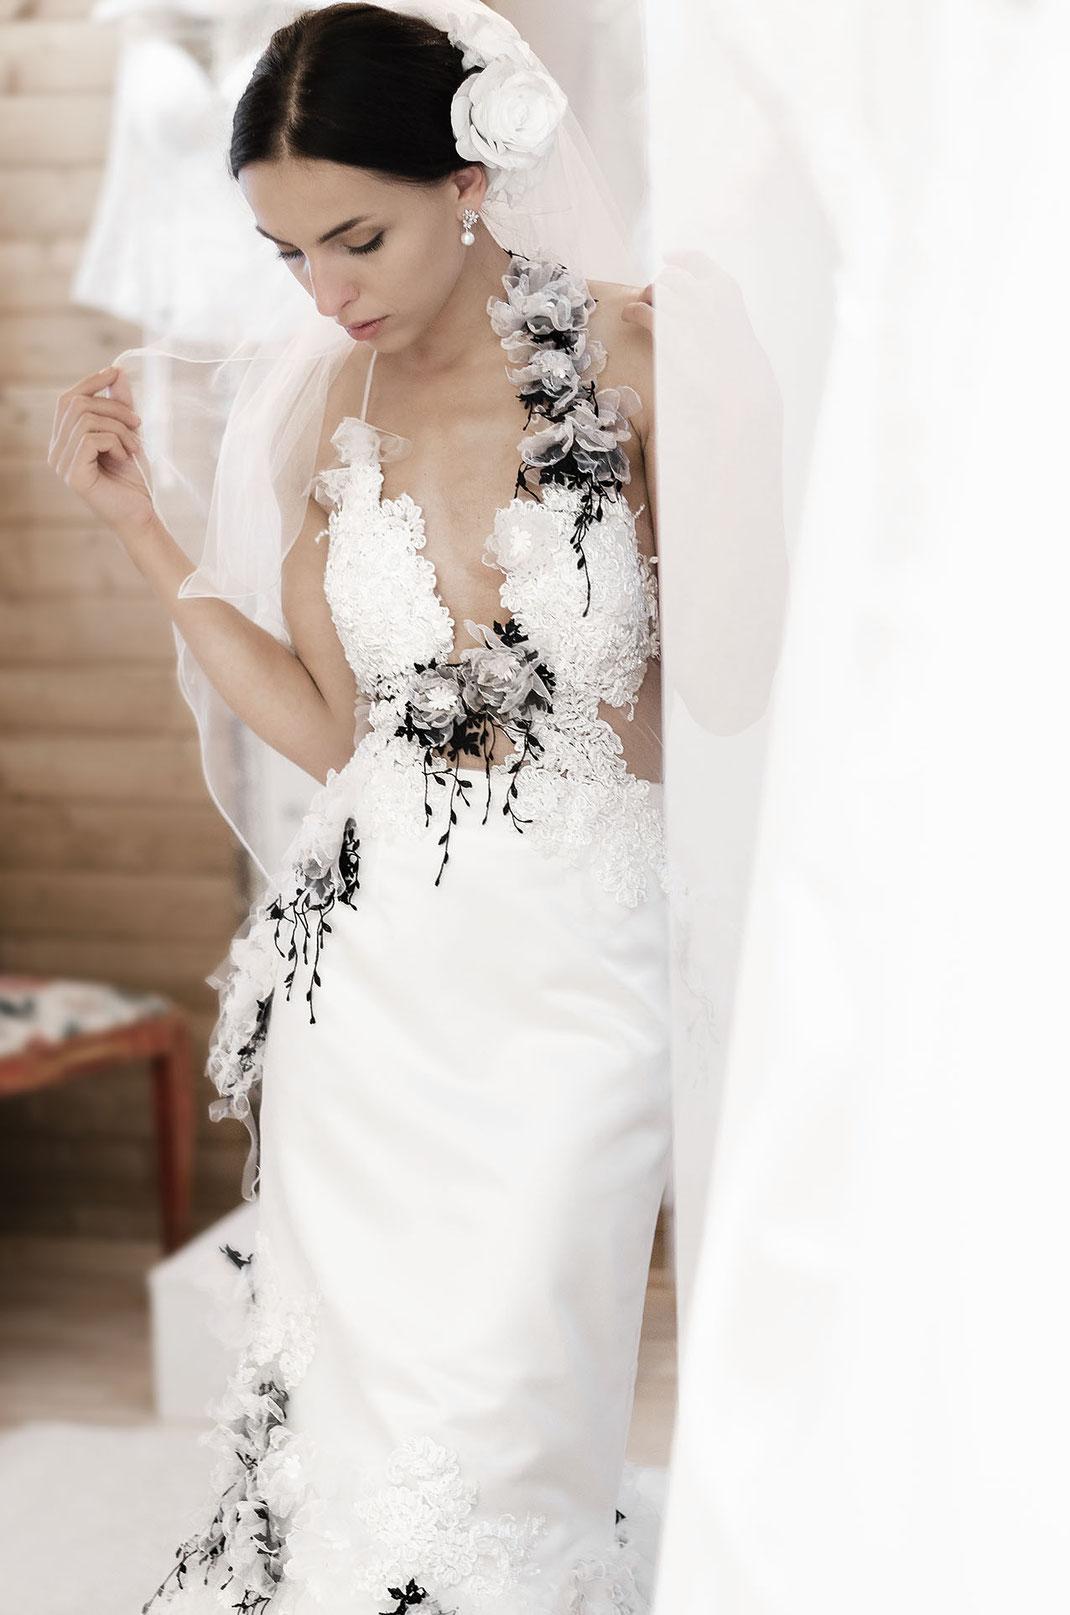 Handgefertigtes Brautkleid Whispers of Love by Tali Amoo von der Modekünstlerin Natalia Boelt